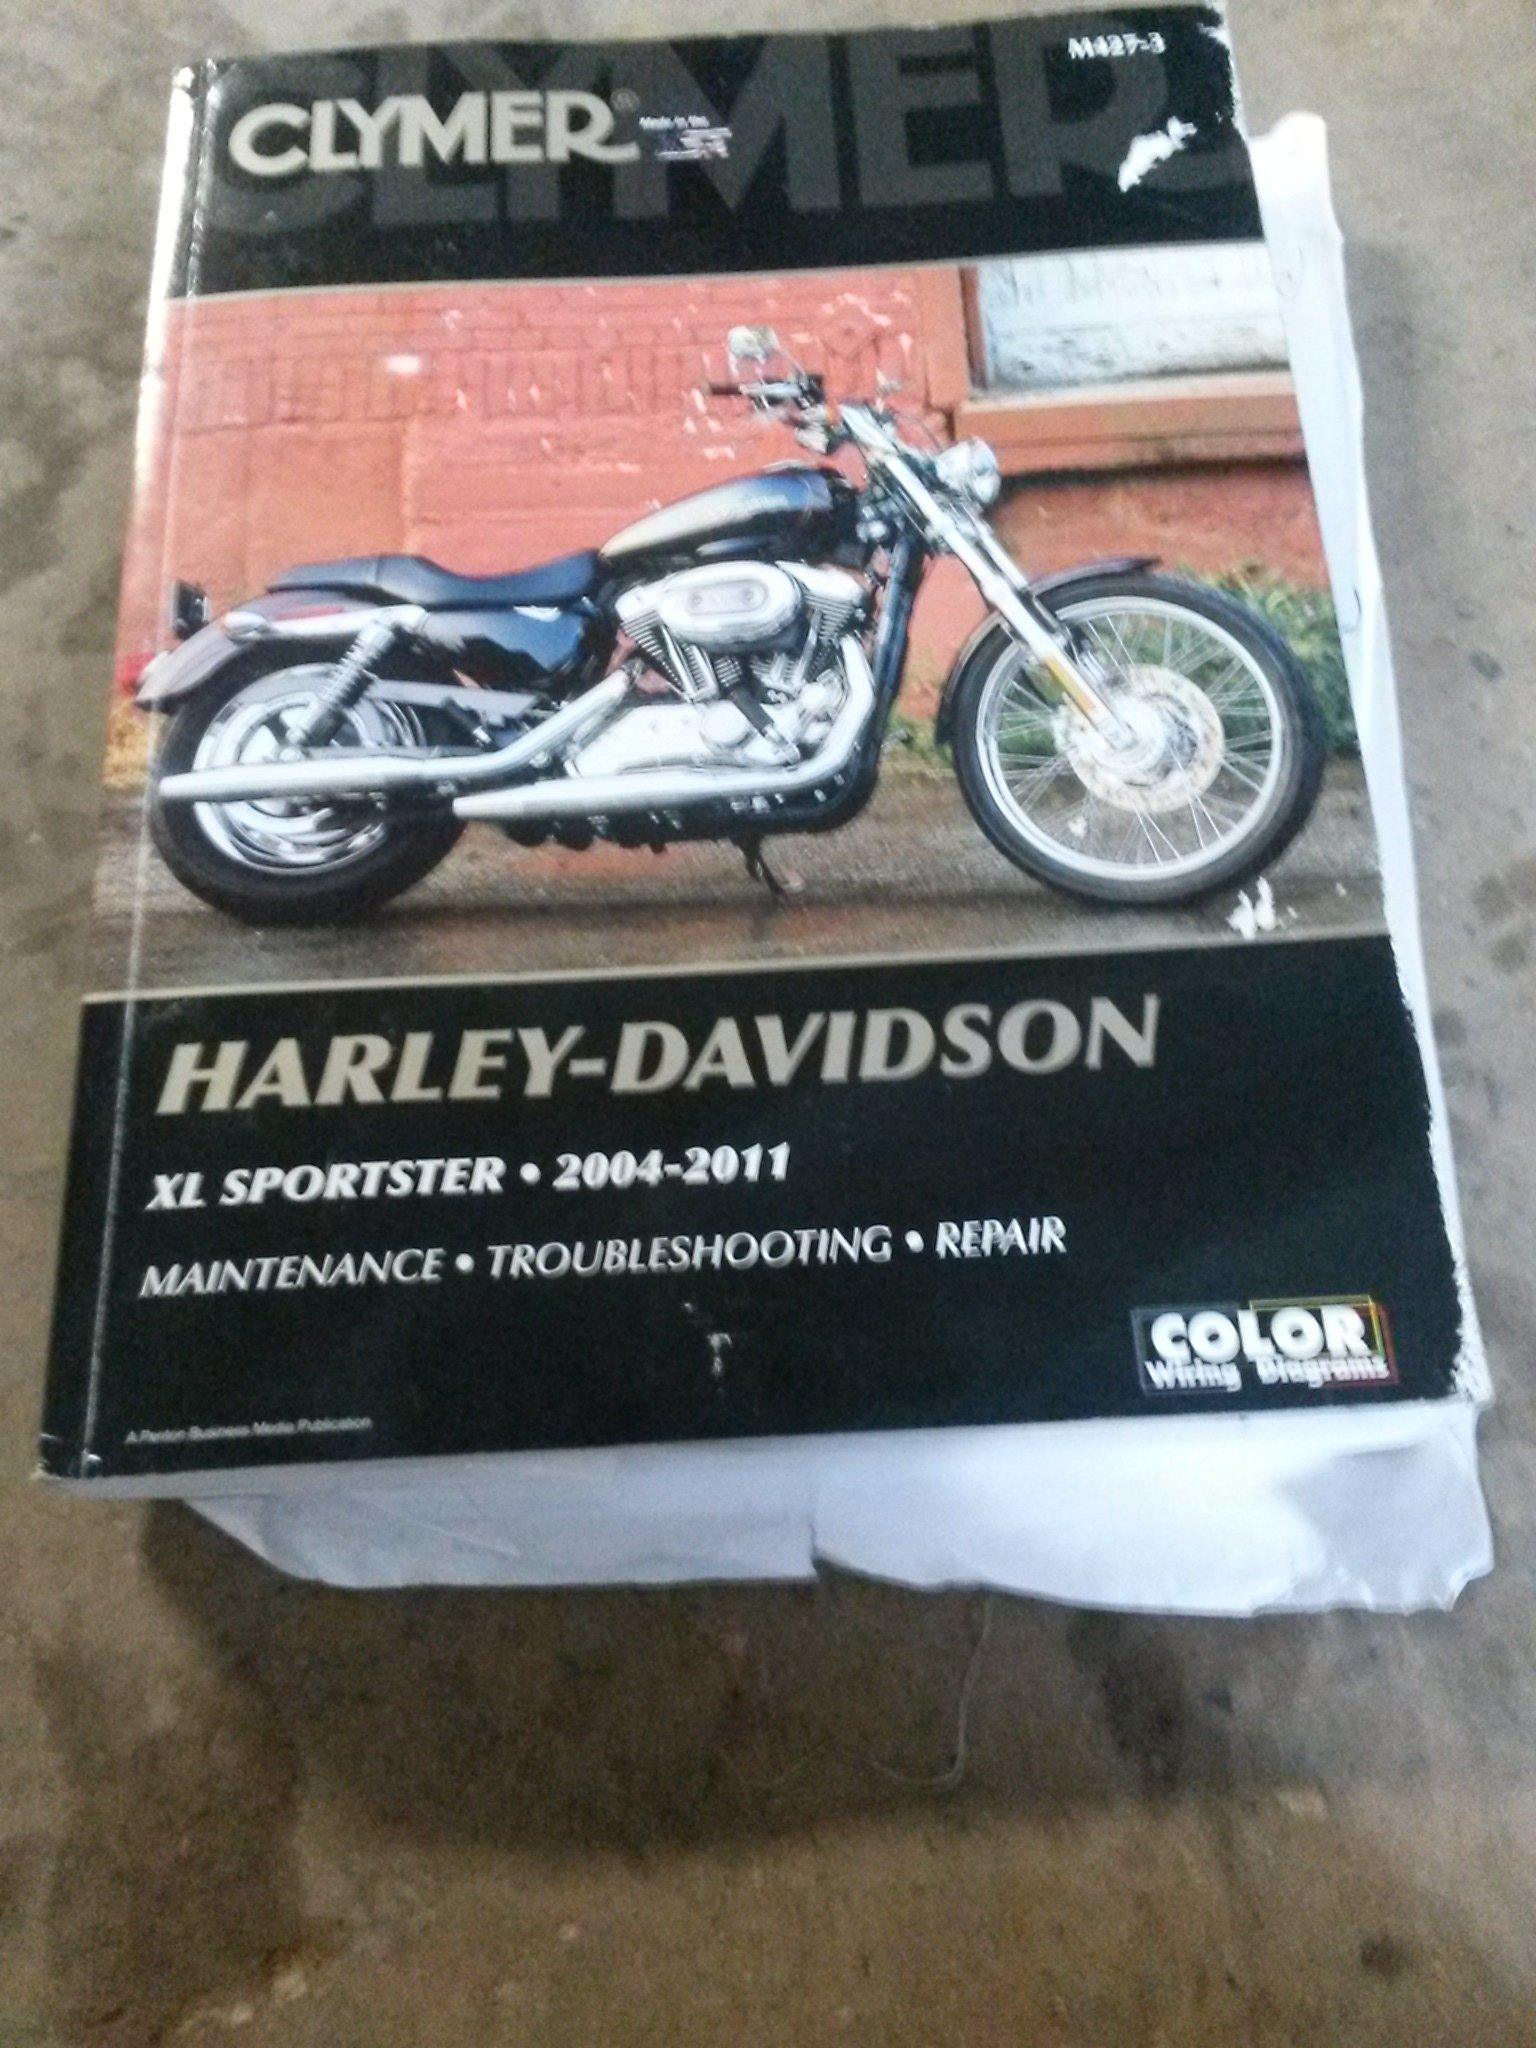 Project cars bikes a histria da minha harley davidson sportster fechamos o negcio ele me voltou o troco da carta de crdito e me entregou todas as peas originais da moto embrulhadas em panos para no arranhar fandeluxe Gallery